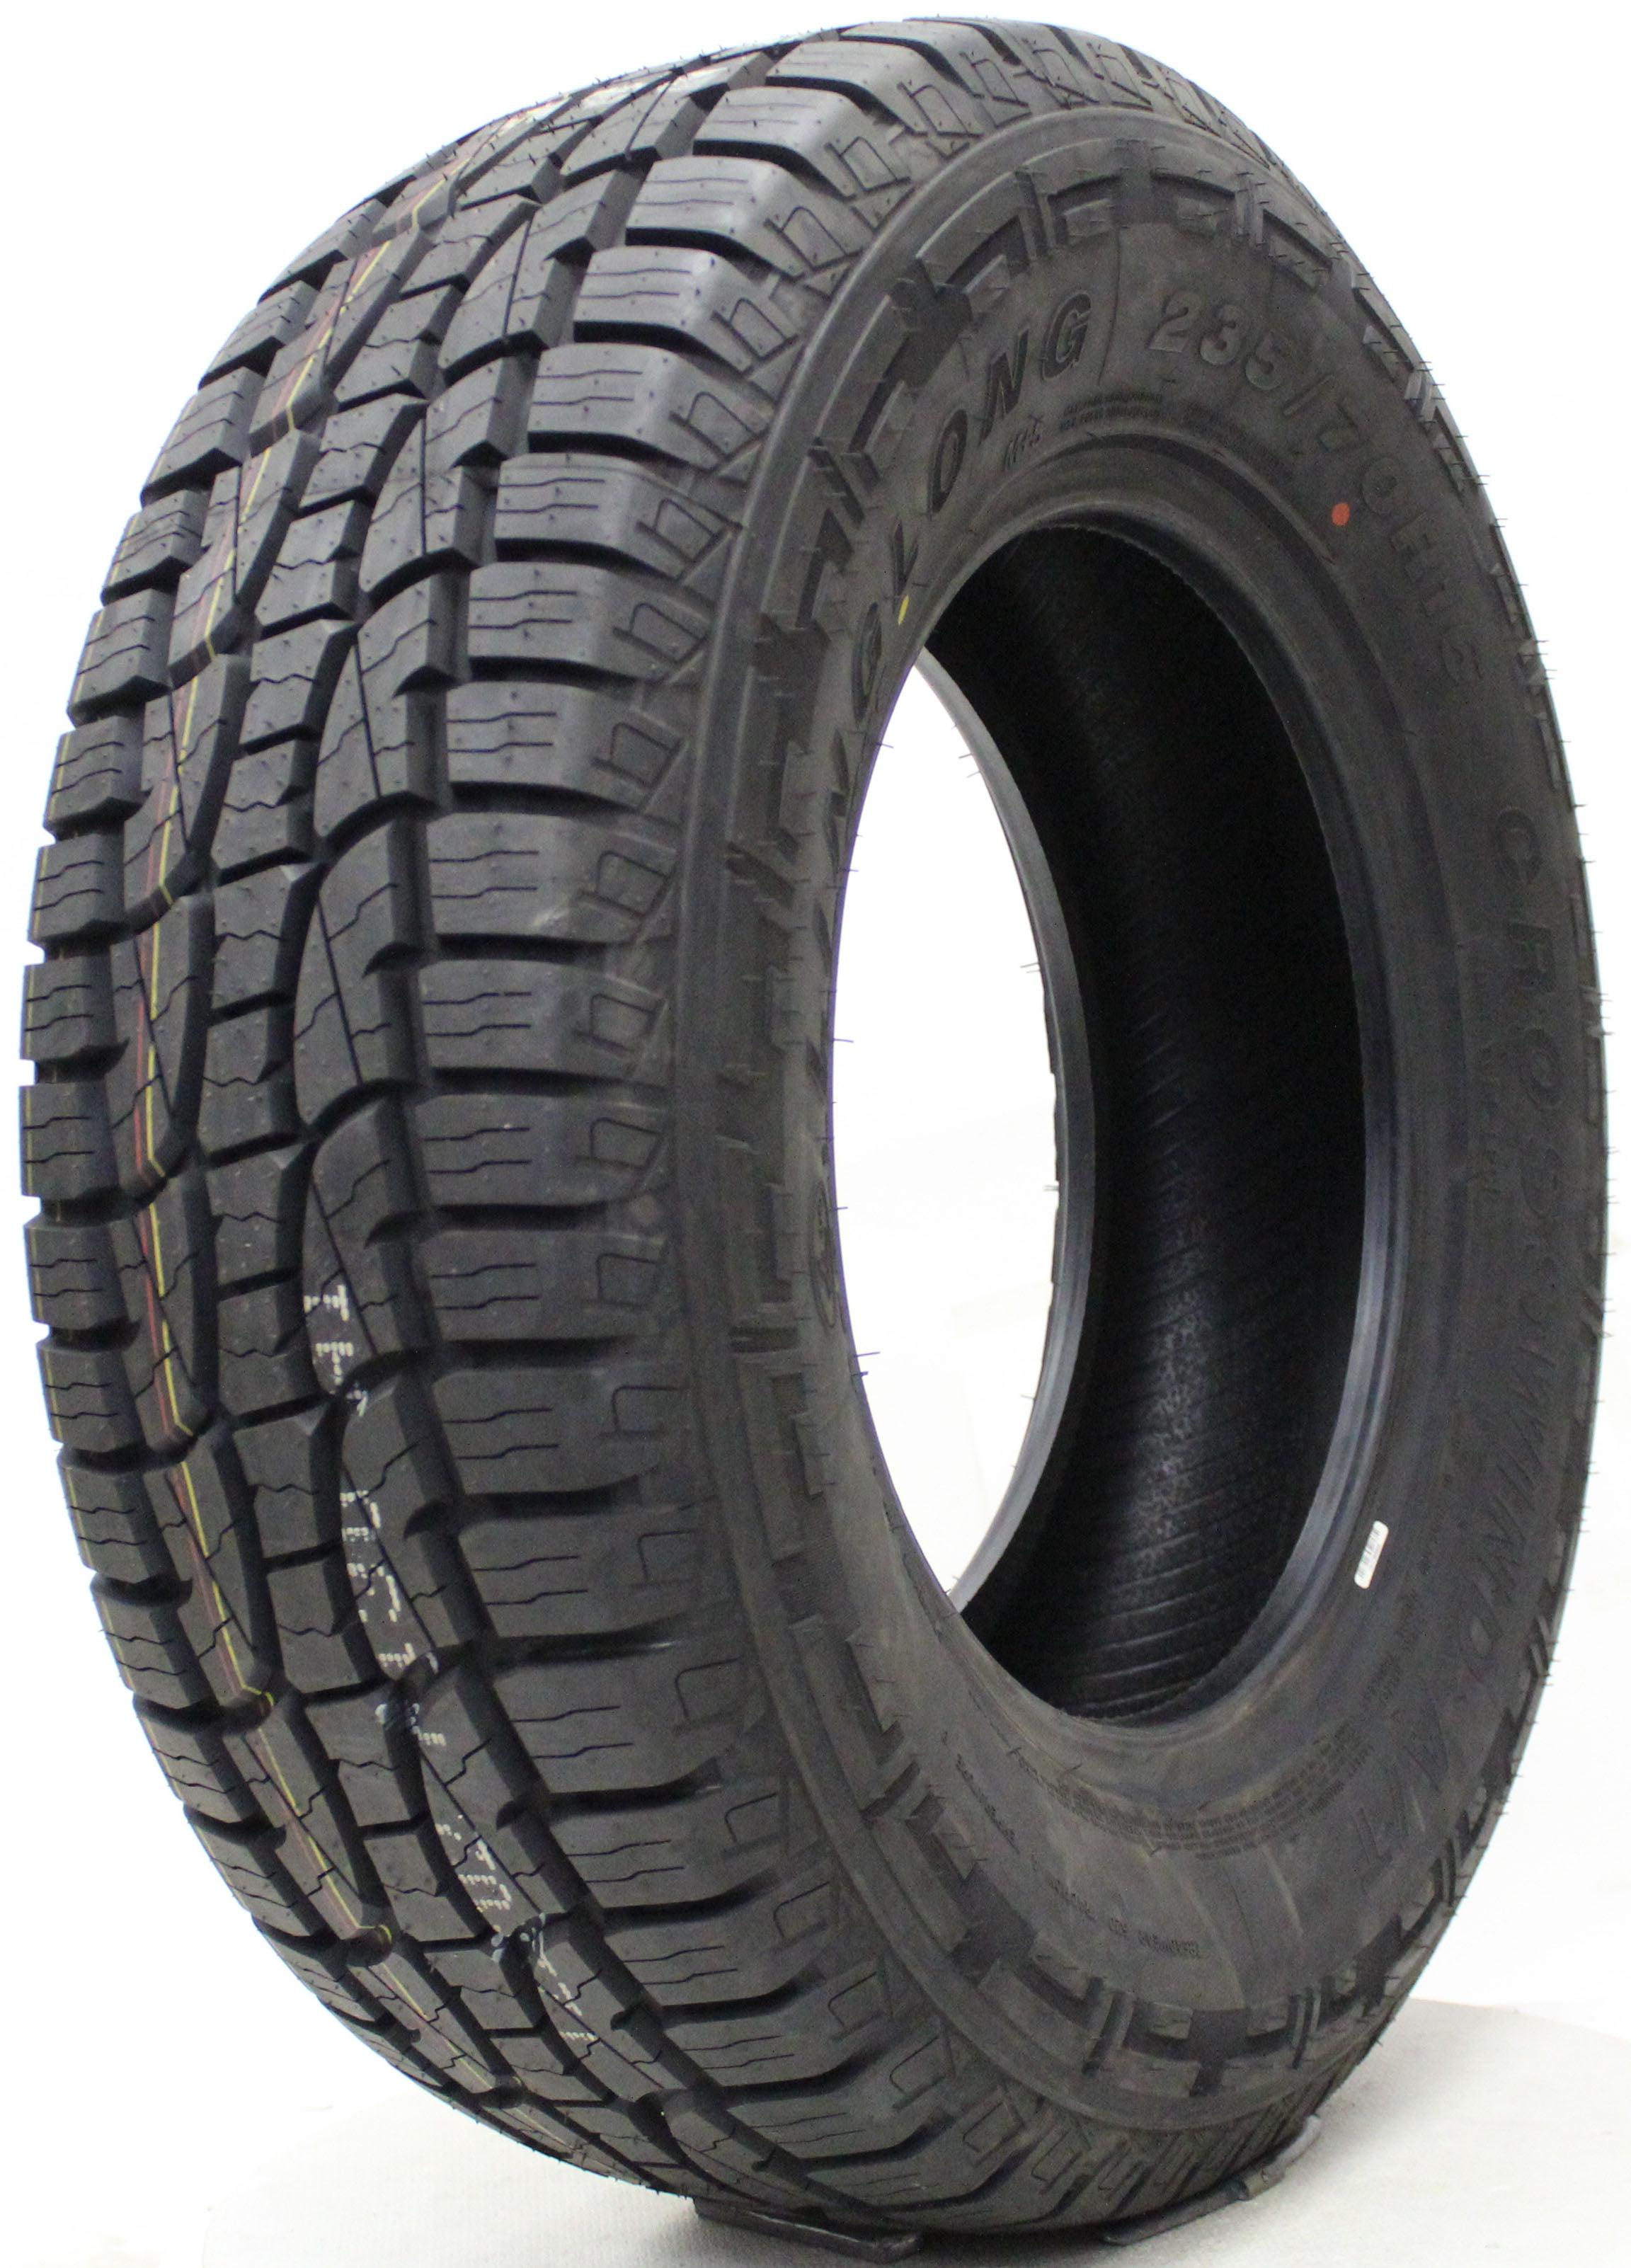 Linglong Crosswind Tires >> Crosswind A T 265 70r16 112 T Tire Walmart Com